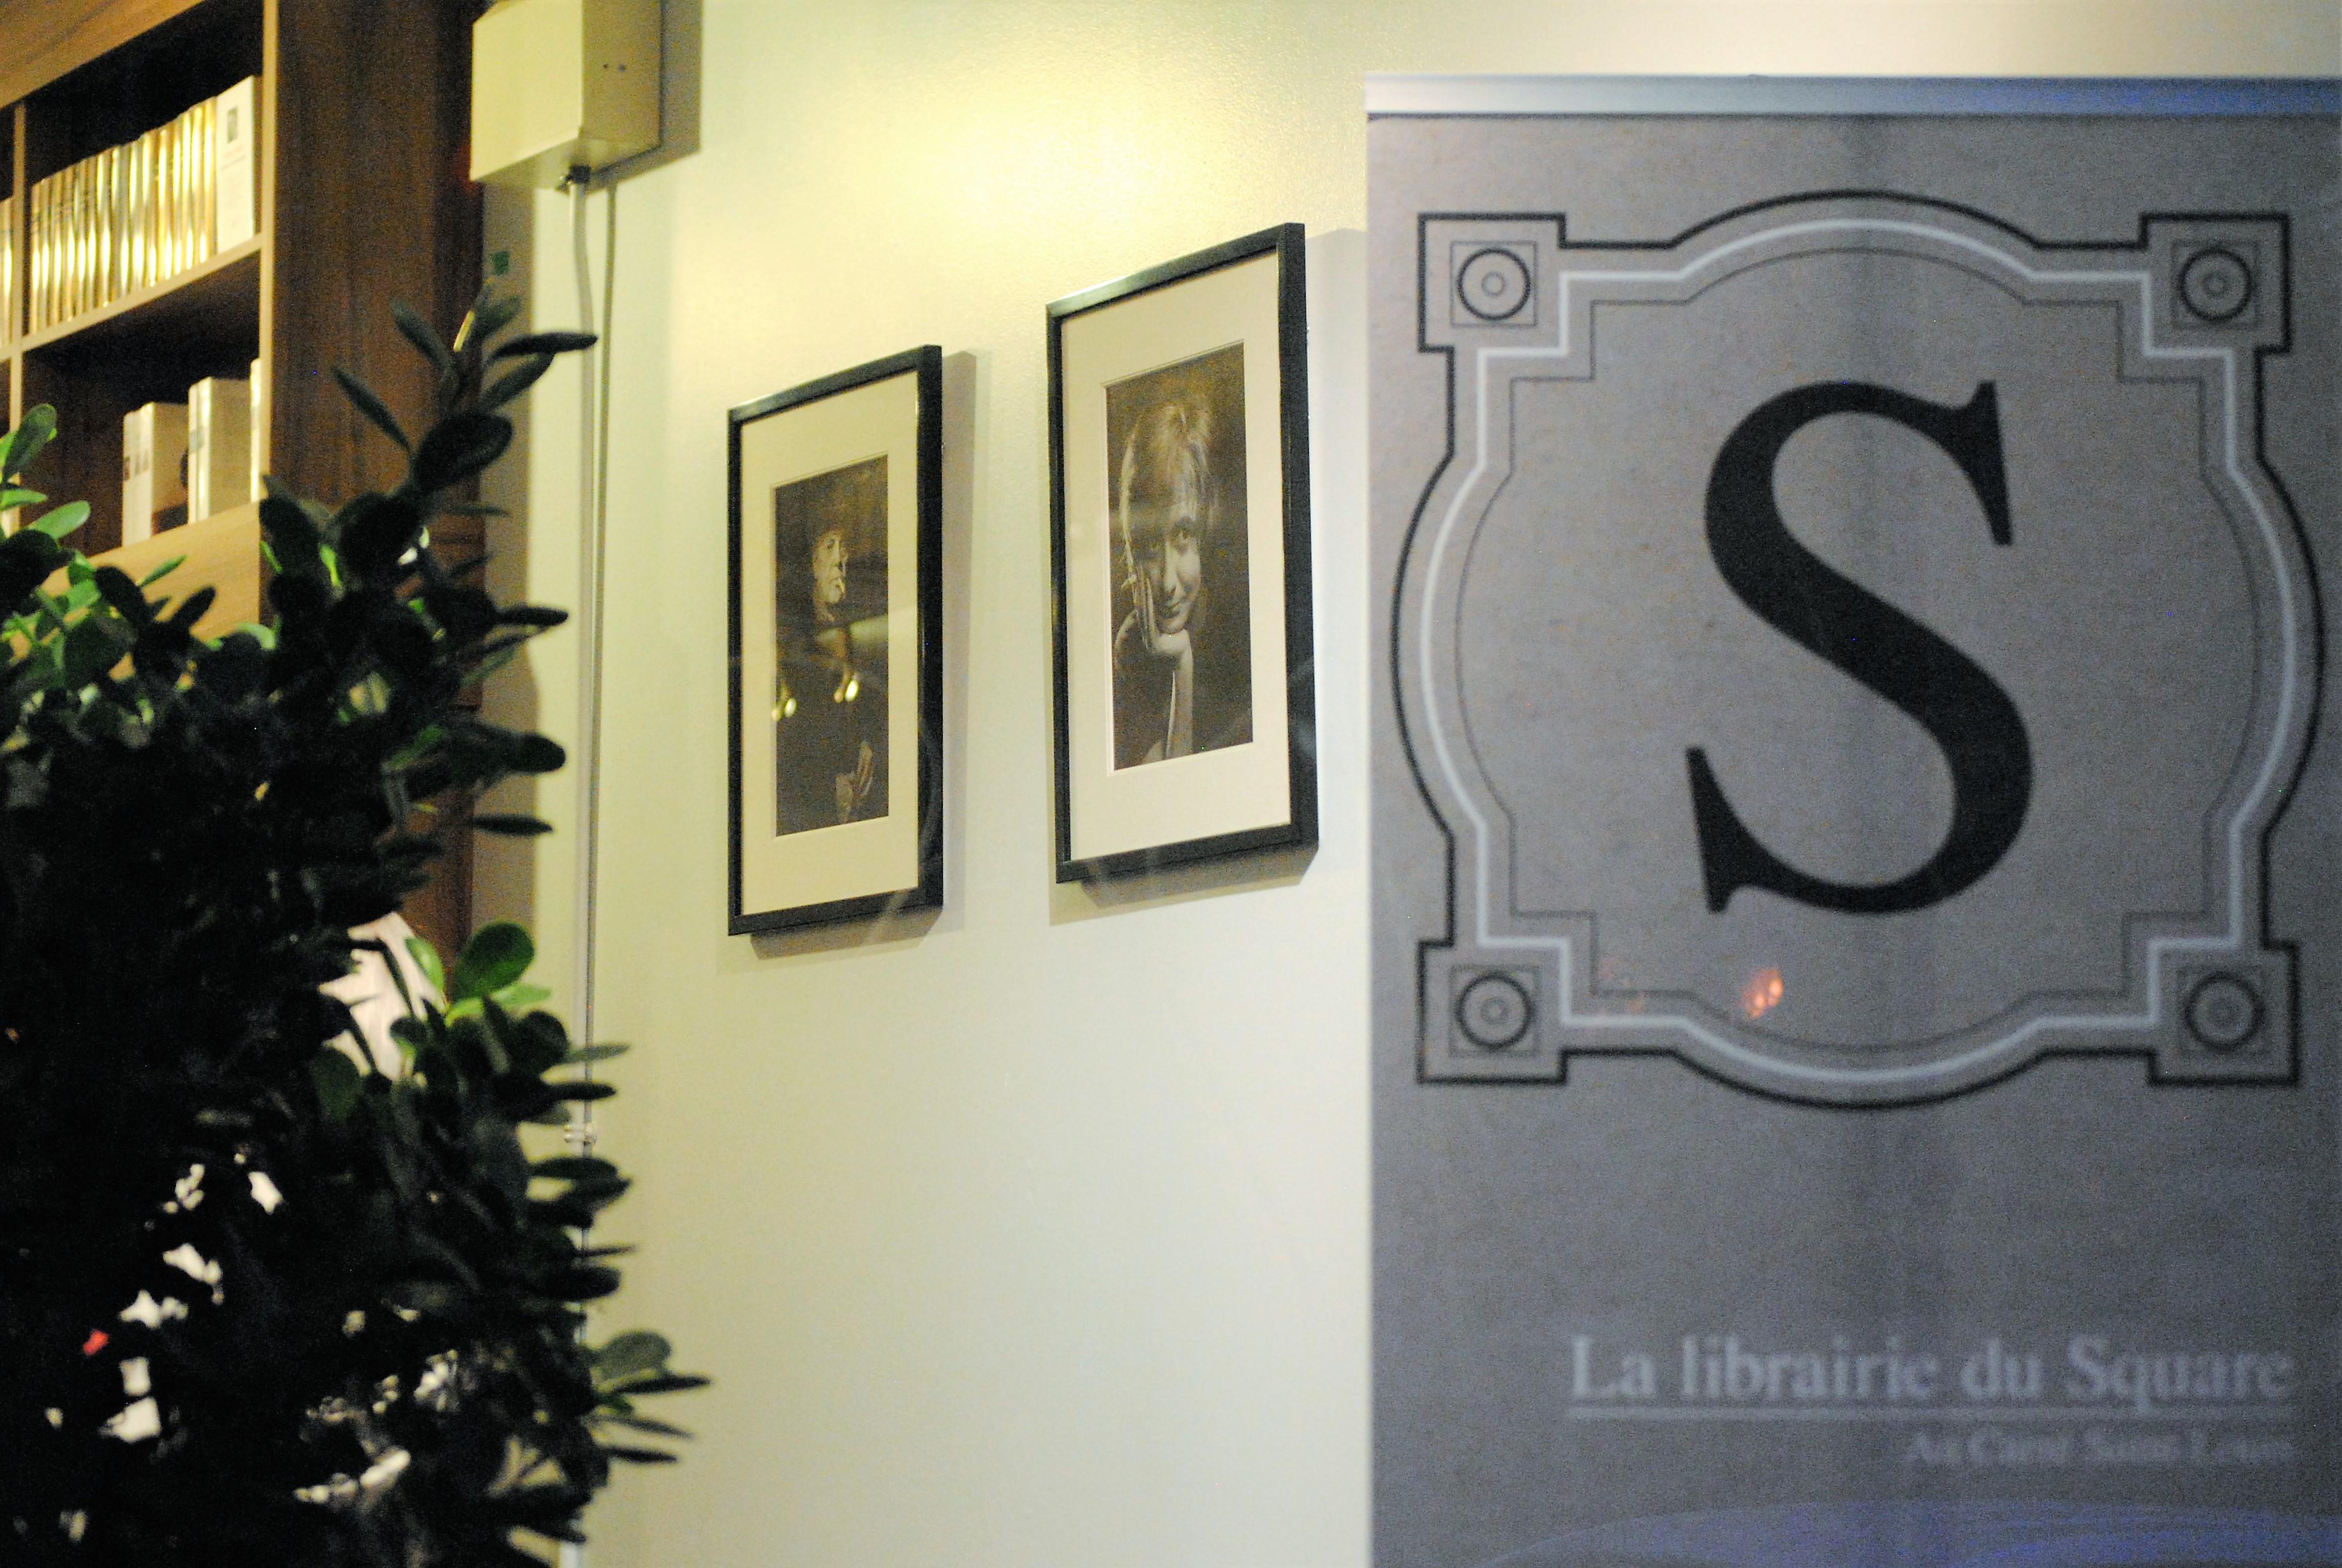 La librairie du Square, une nouvelle page s'écrit à Outremont